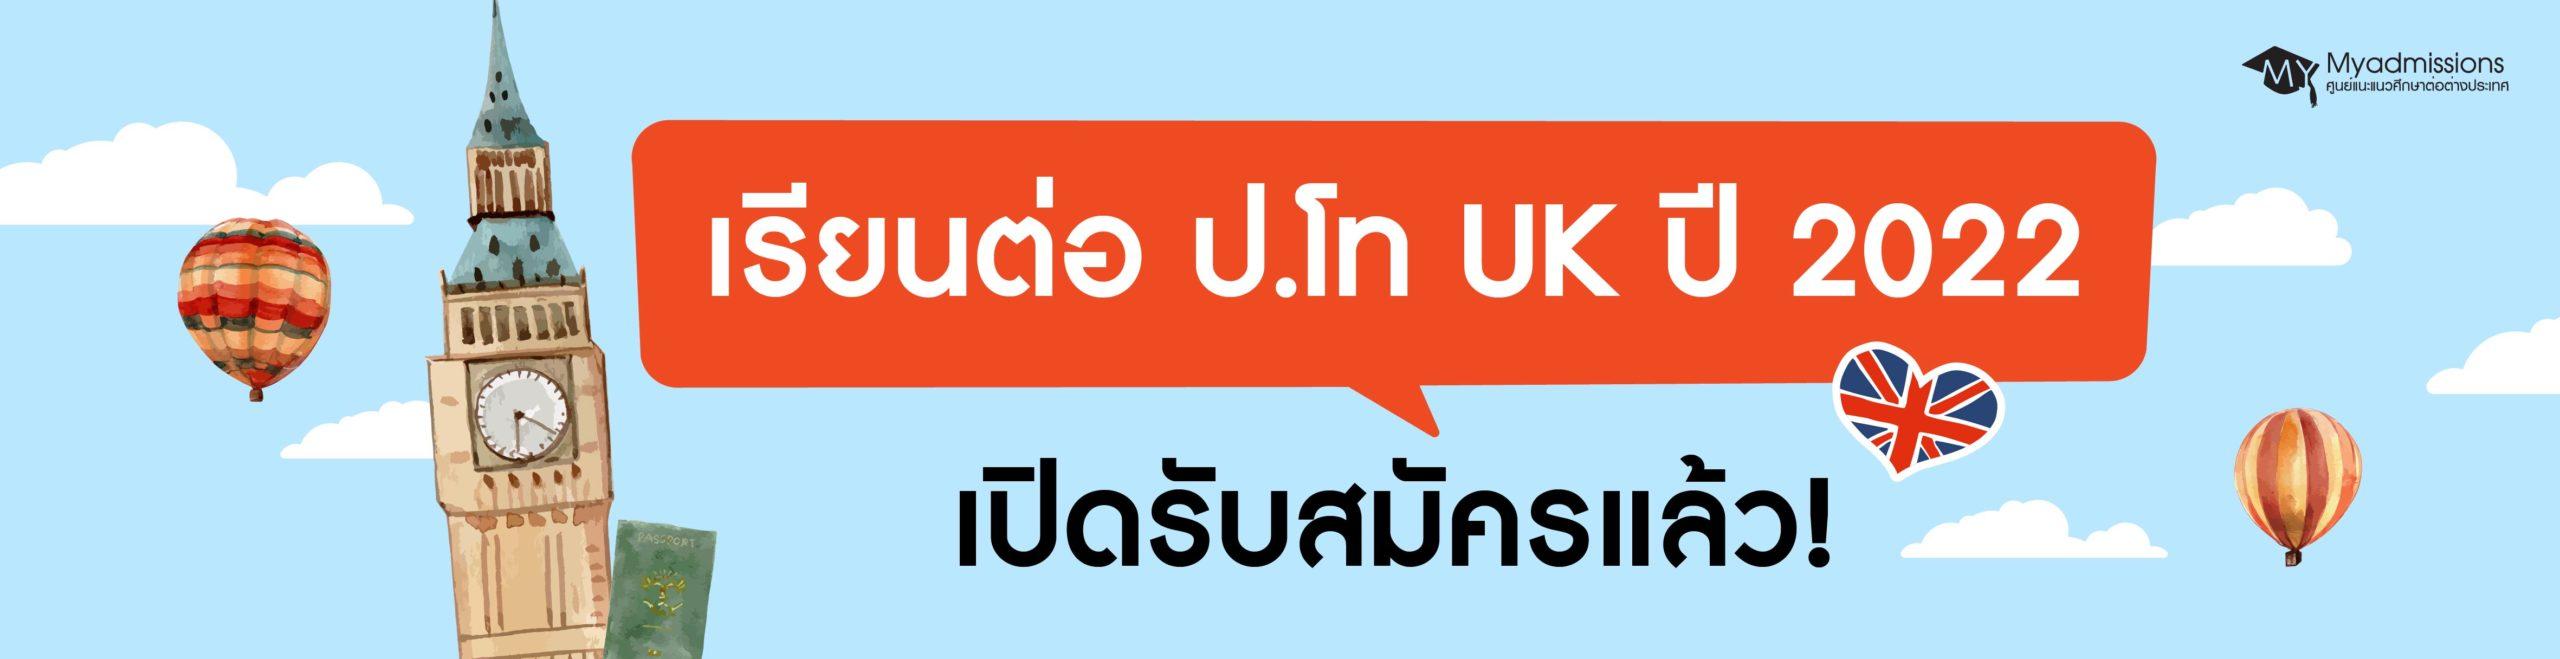 เรียนต่อป.โท UK รอบมกราคม 2022 เปิดรับสมัครแล้ว!_WS-03